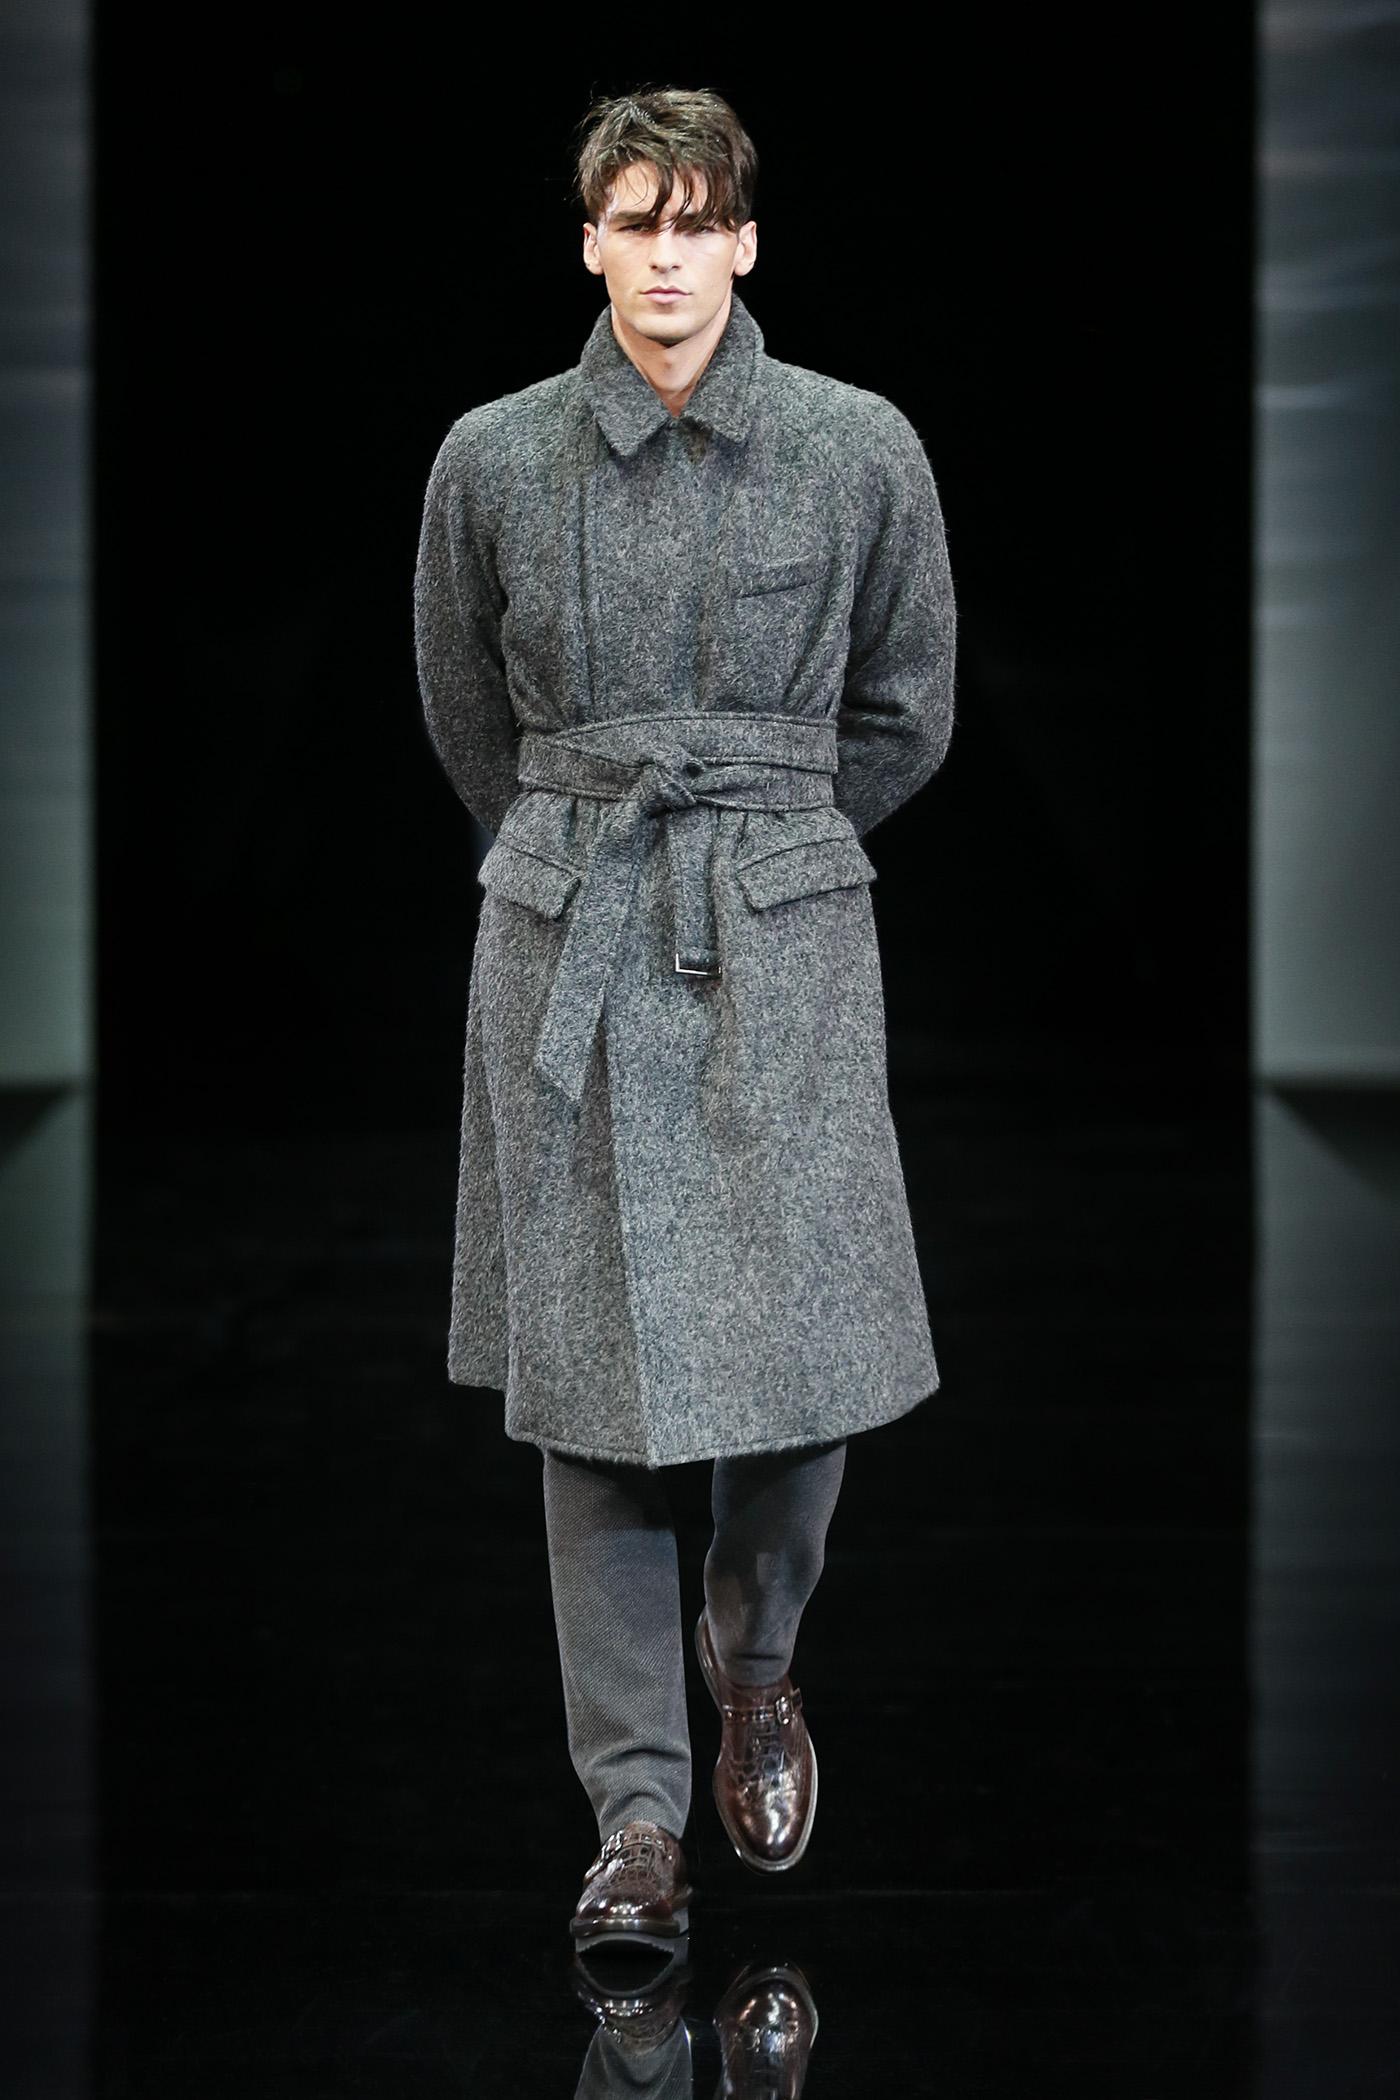 giorgio-armani-menswear-fw1415-3